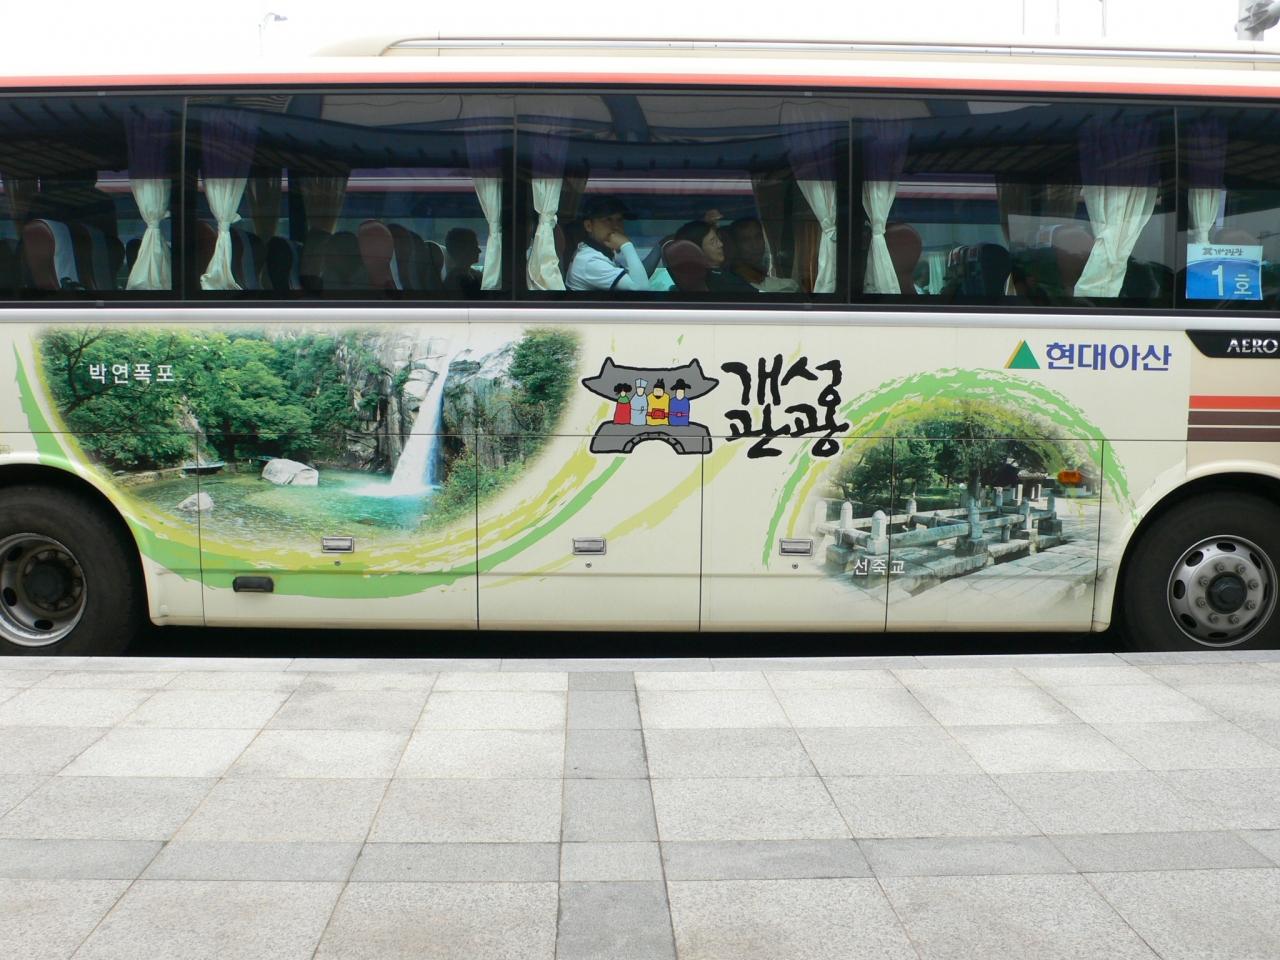 ソウルから行く北朝鮮 ケソン日帰りツアー